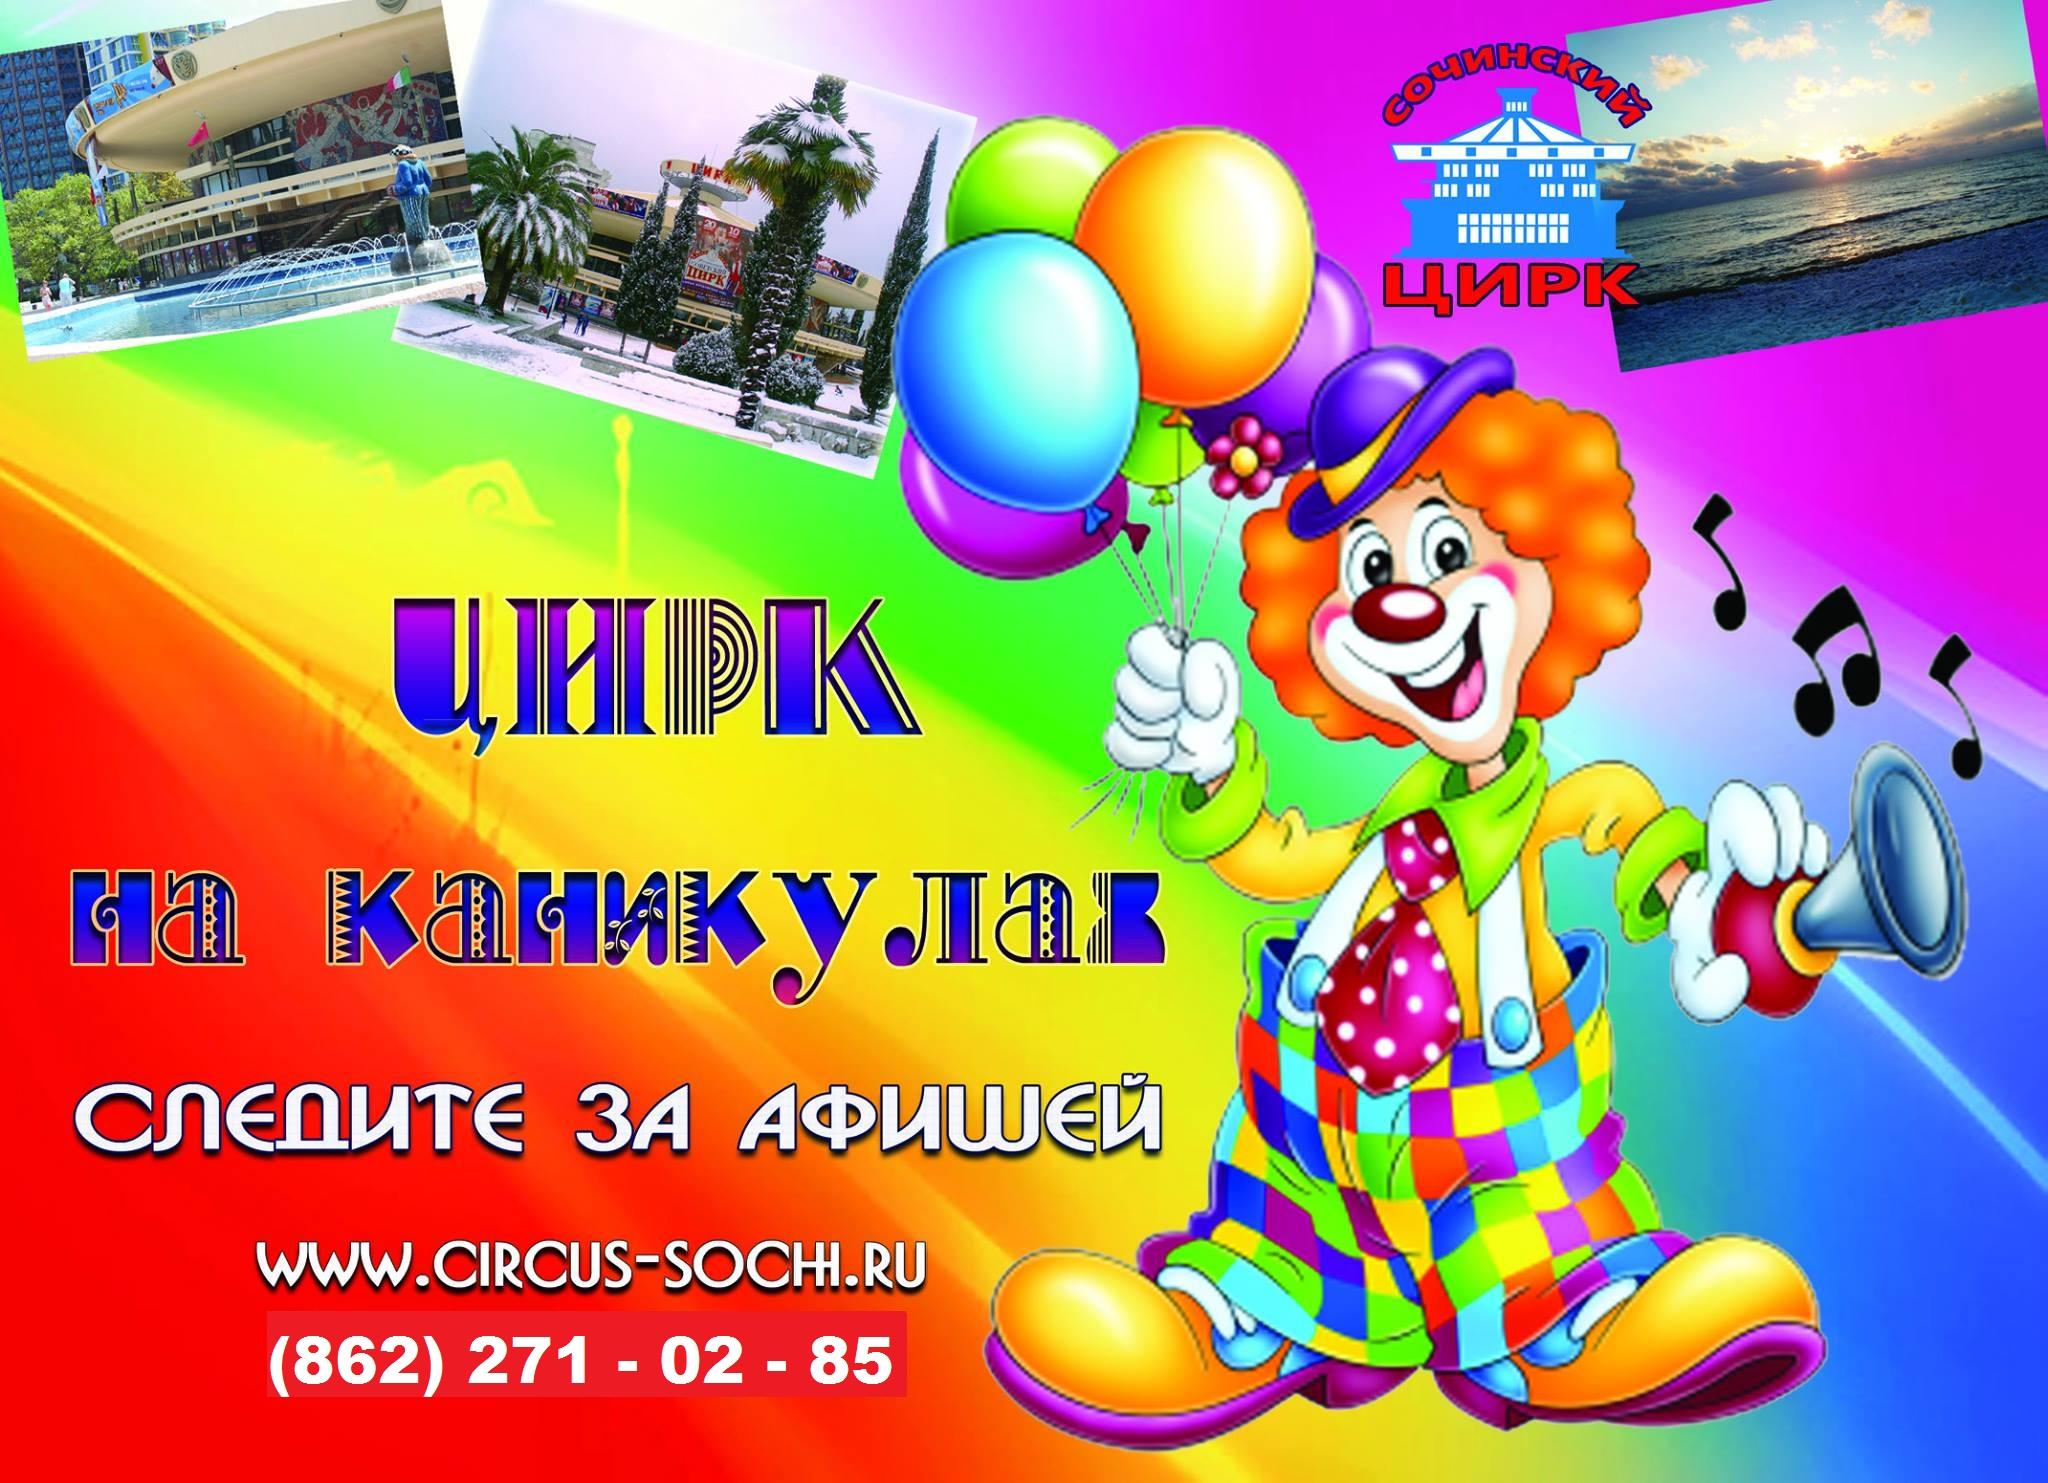 Купить билеты в цирк онлайн сочи афиша театр имени боброва